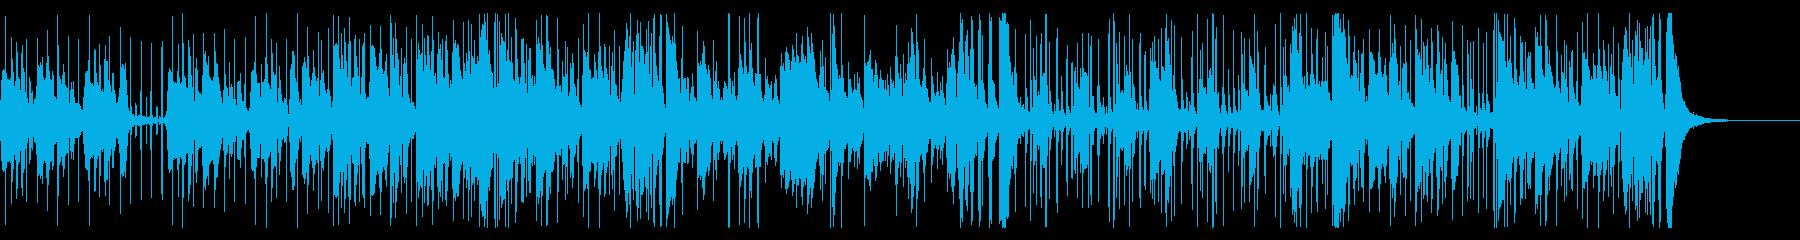 コントラバス、ジャズピアノ、ジャズドラムの再生済みの波形